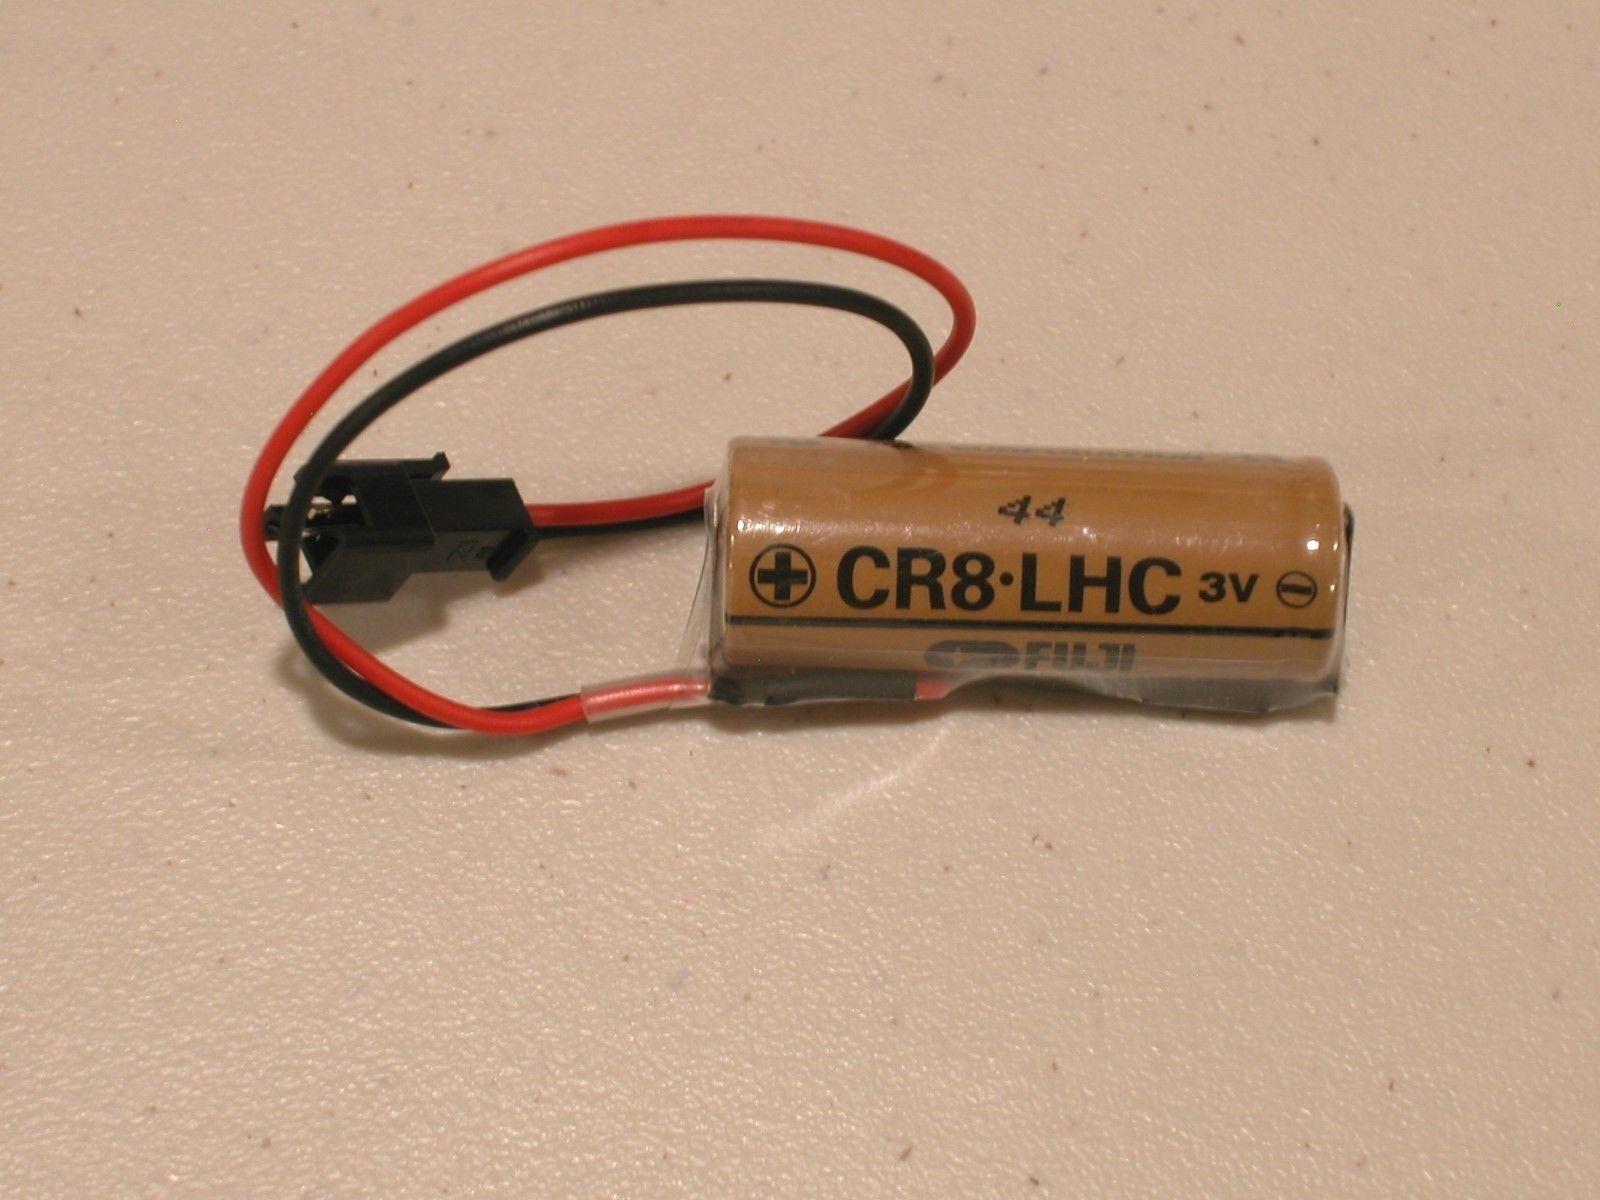 2 Pcs Fuji FDK Cr8.lhc 17450 3v Battery for Toto Flush Valve W/plug ...